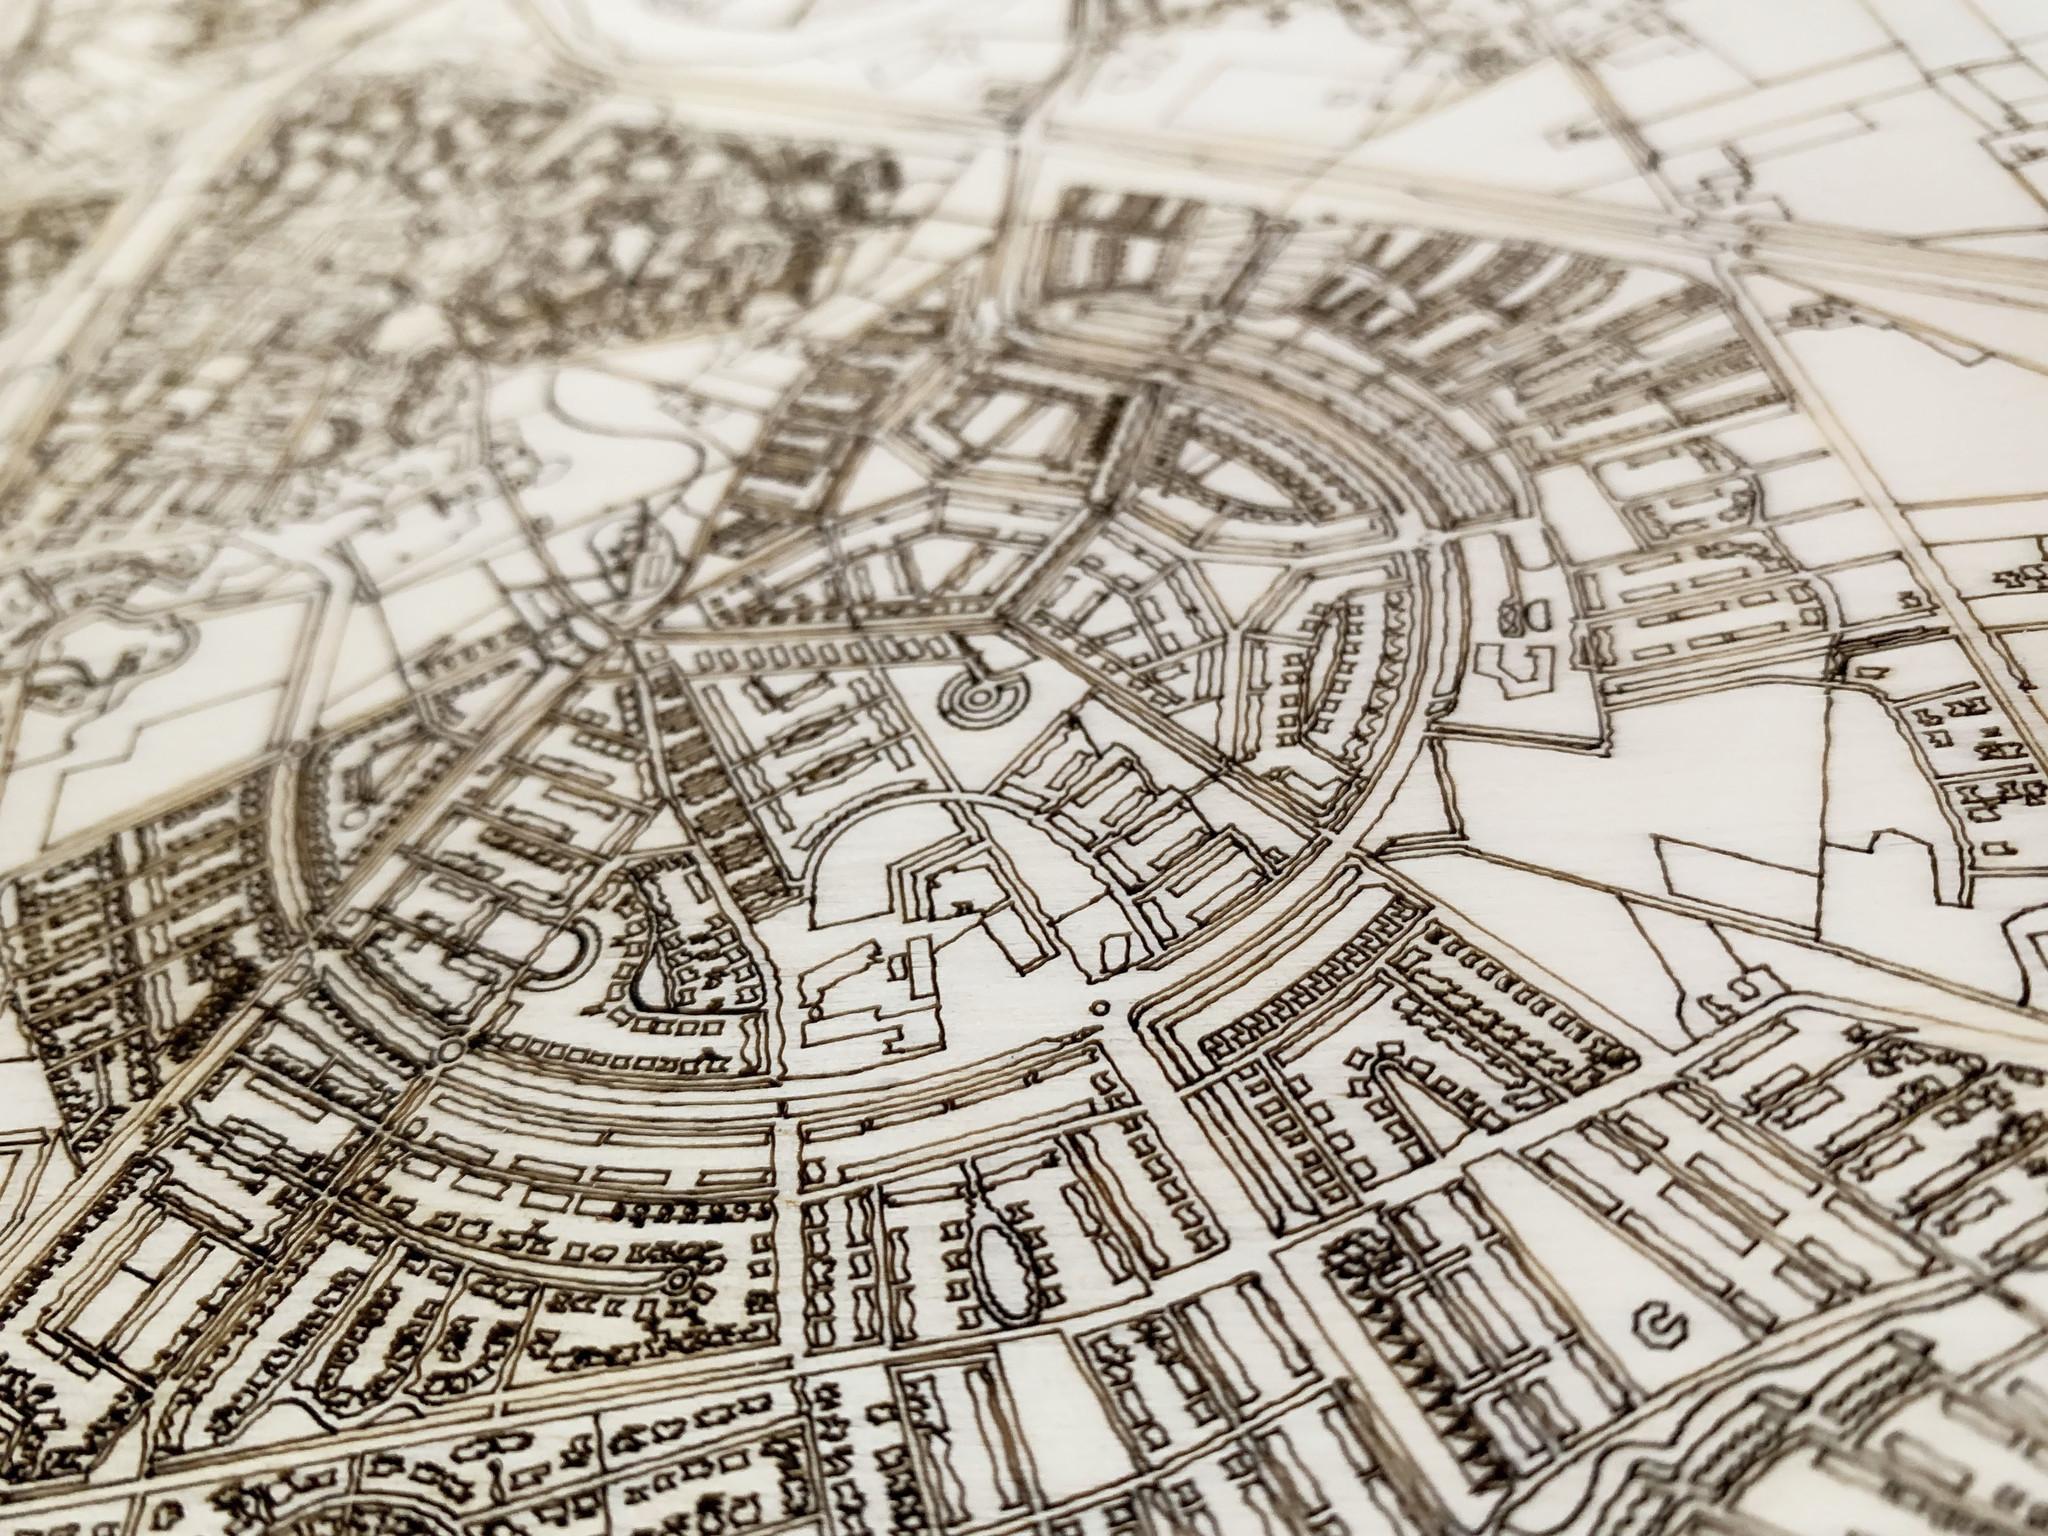 Houten stadsplattegrond Haarlem-4